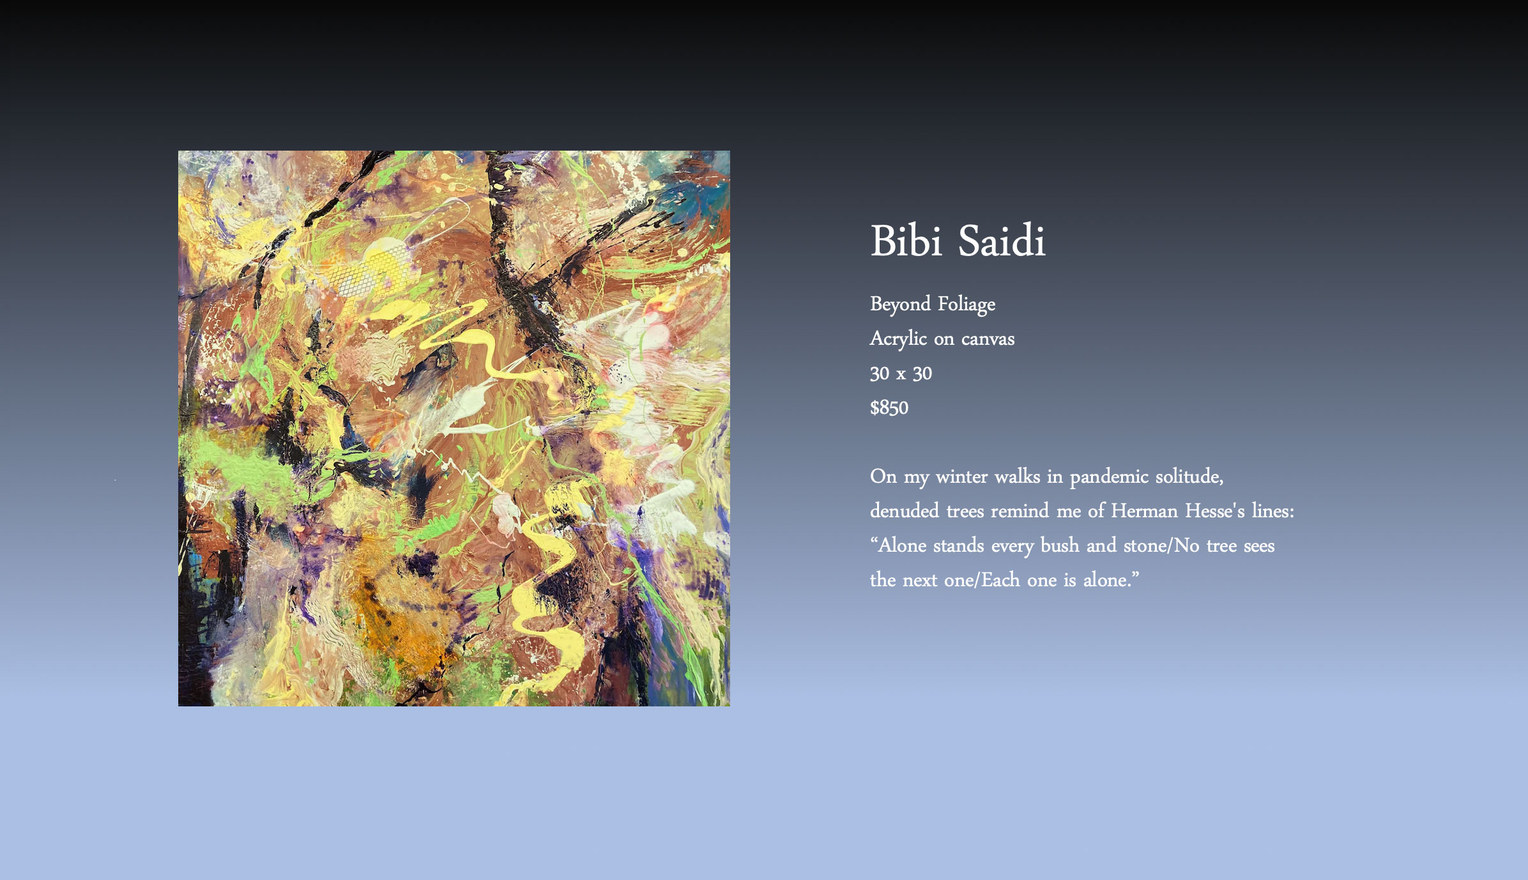 Bibi Saidi